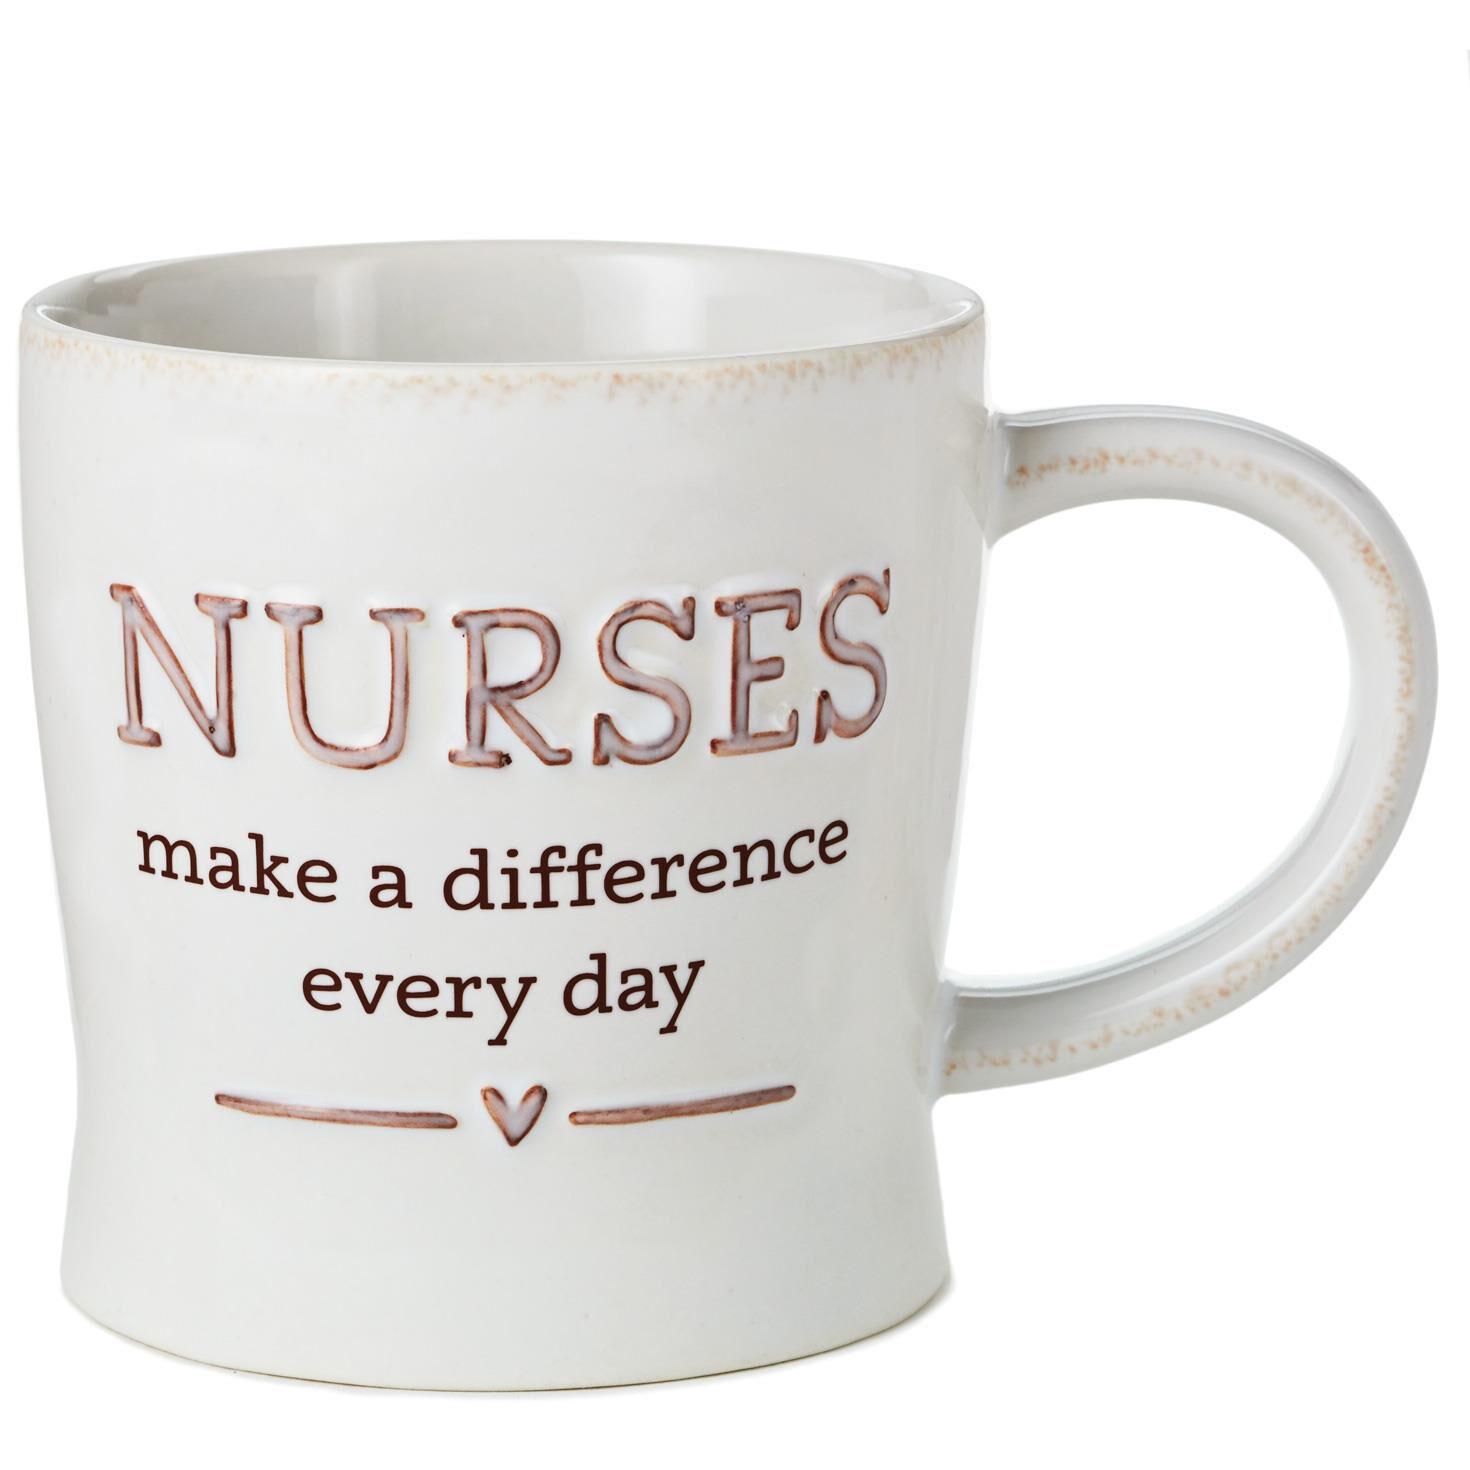 Nurses Make a Difference Ceramic Mug, 12 oz